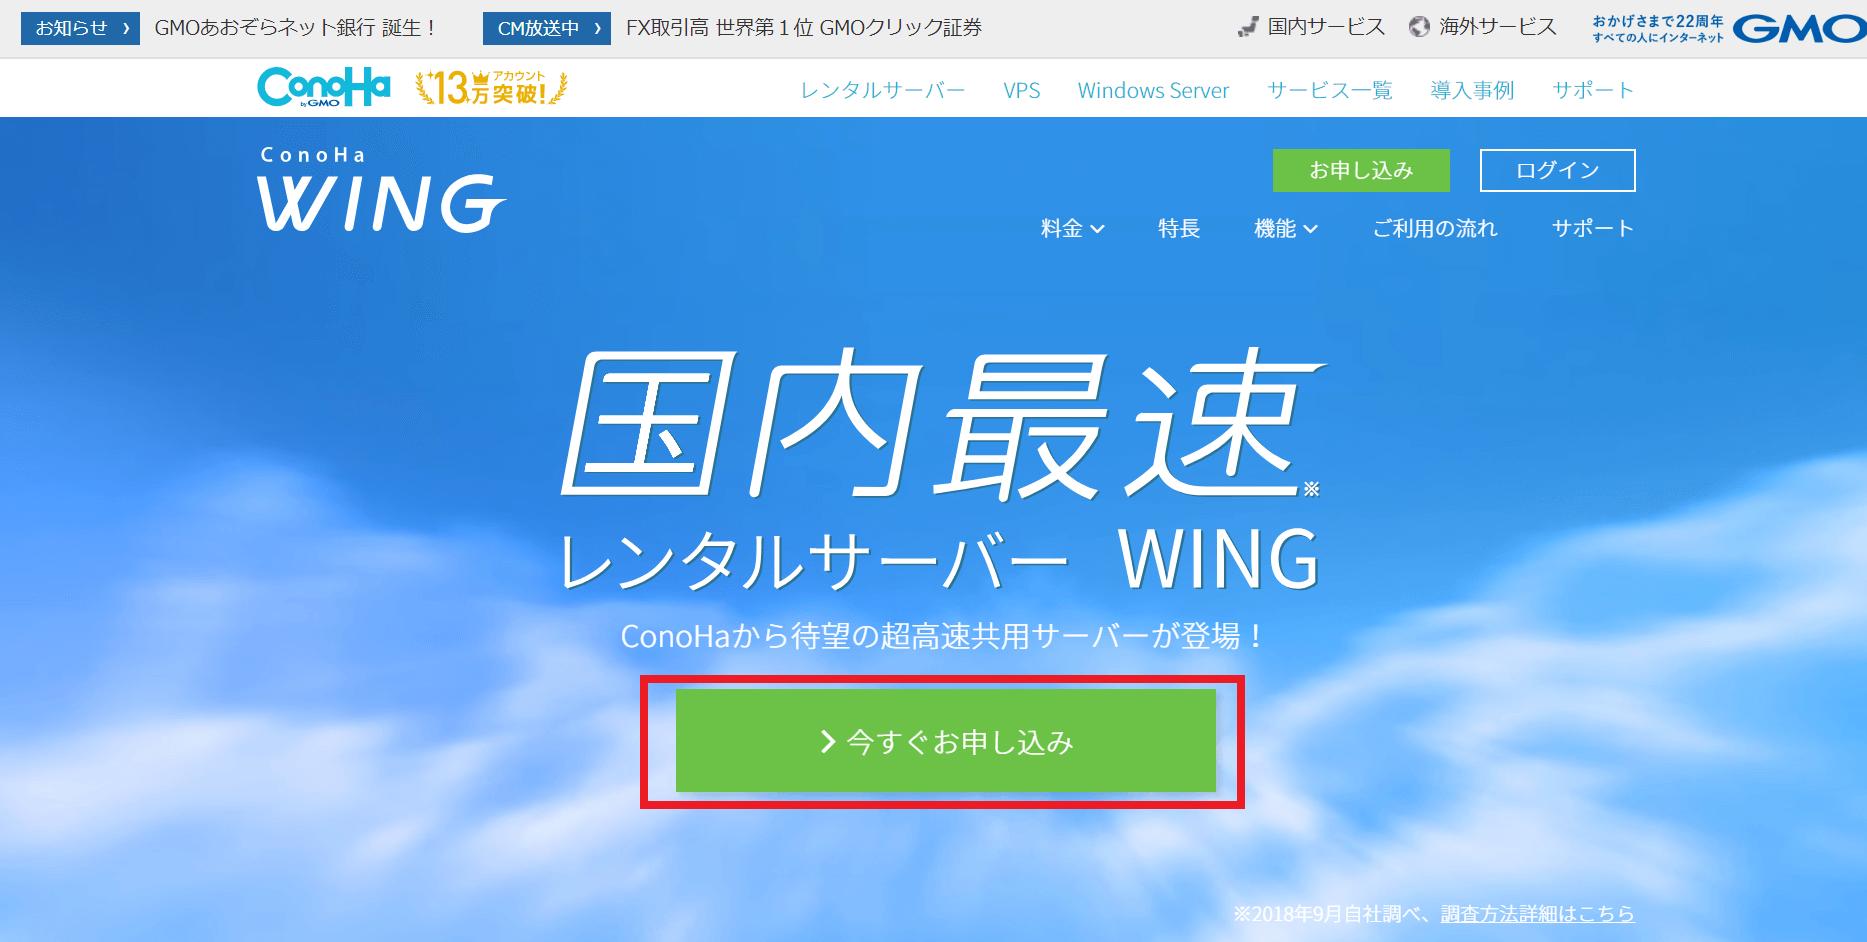 conohawingの申し込みボタン